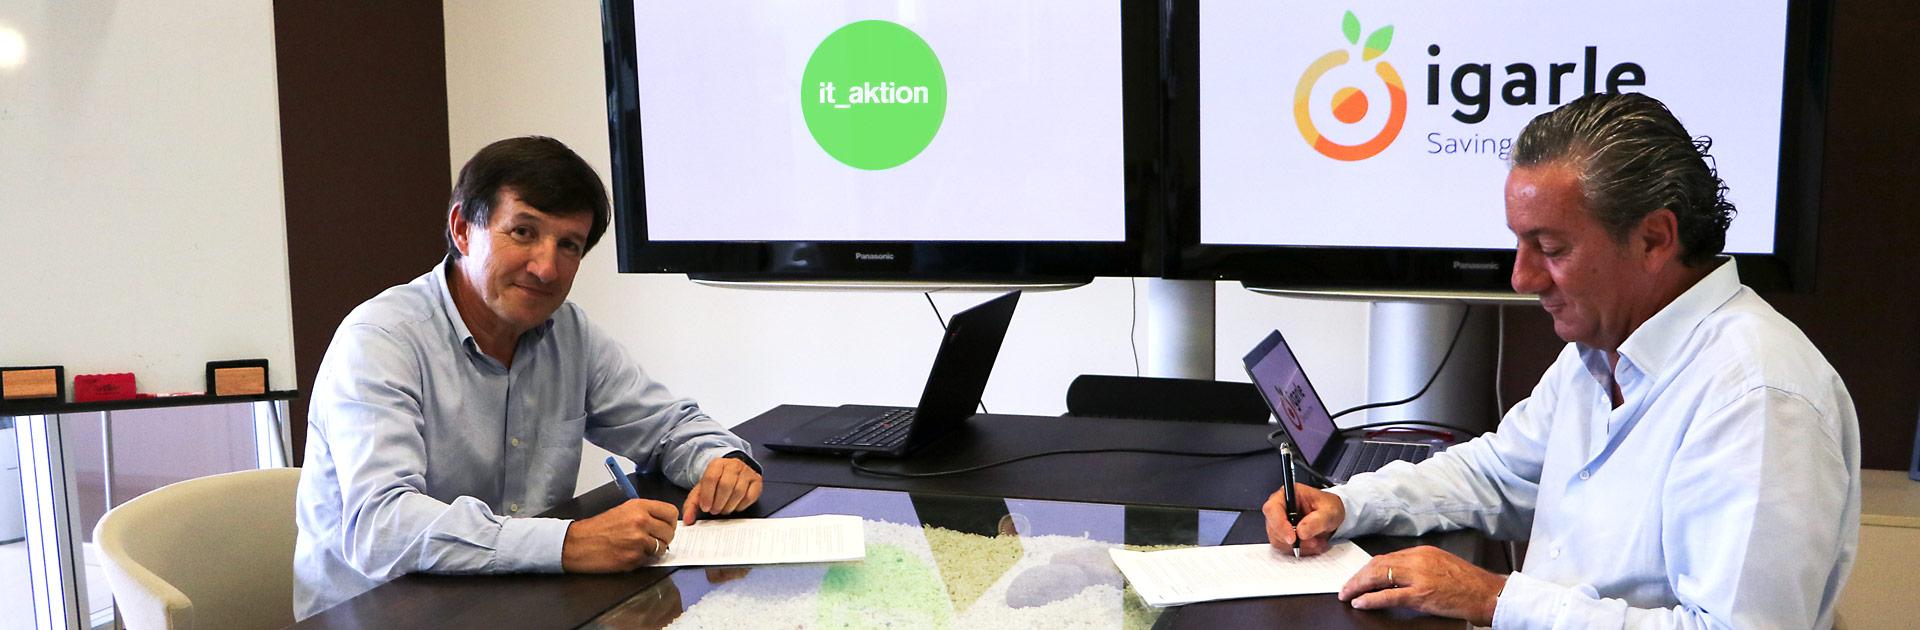 Firma Grupo Igarle It_Aktion. Fran Manzano y Jokin Aguirre